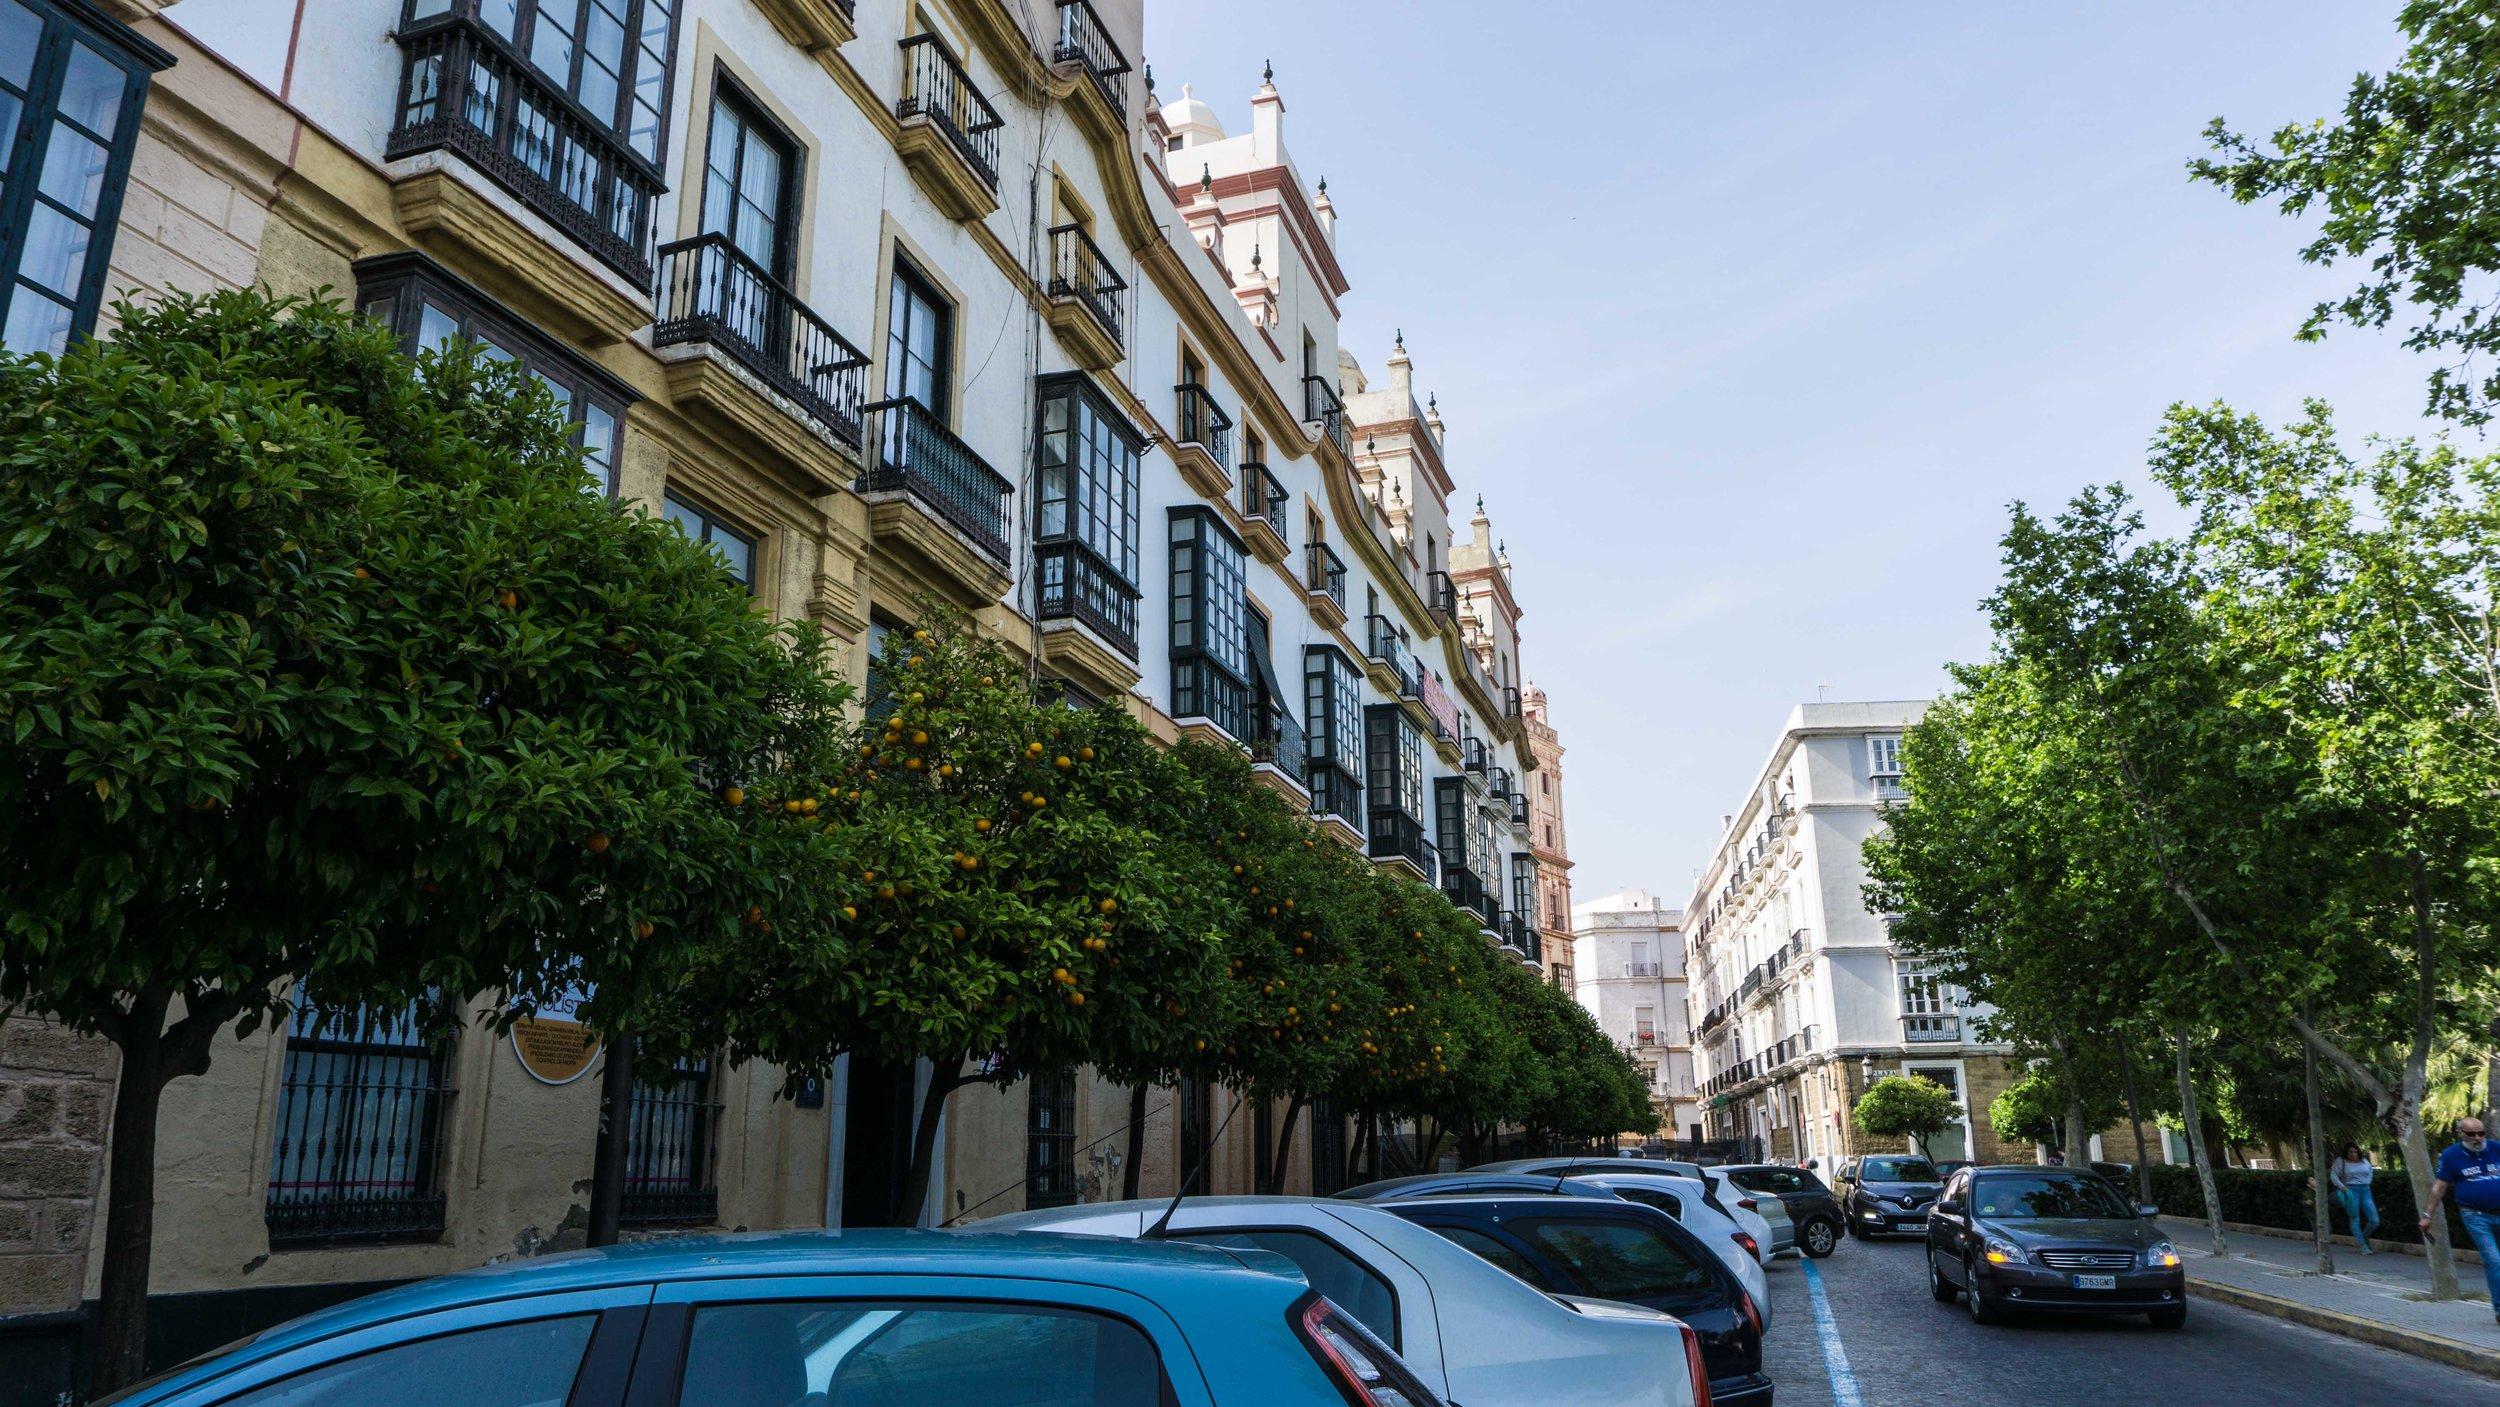 Spain-01049.jpg